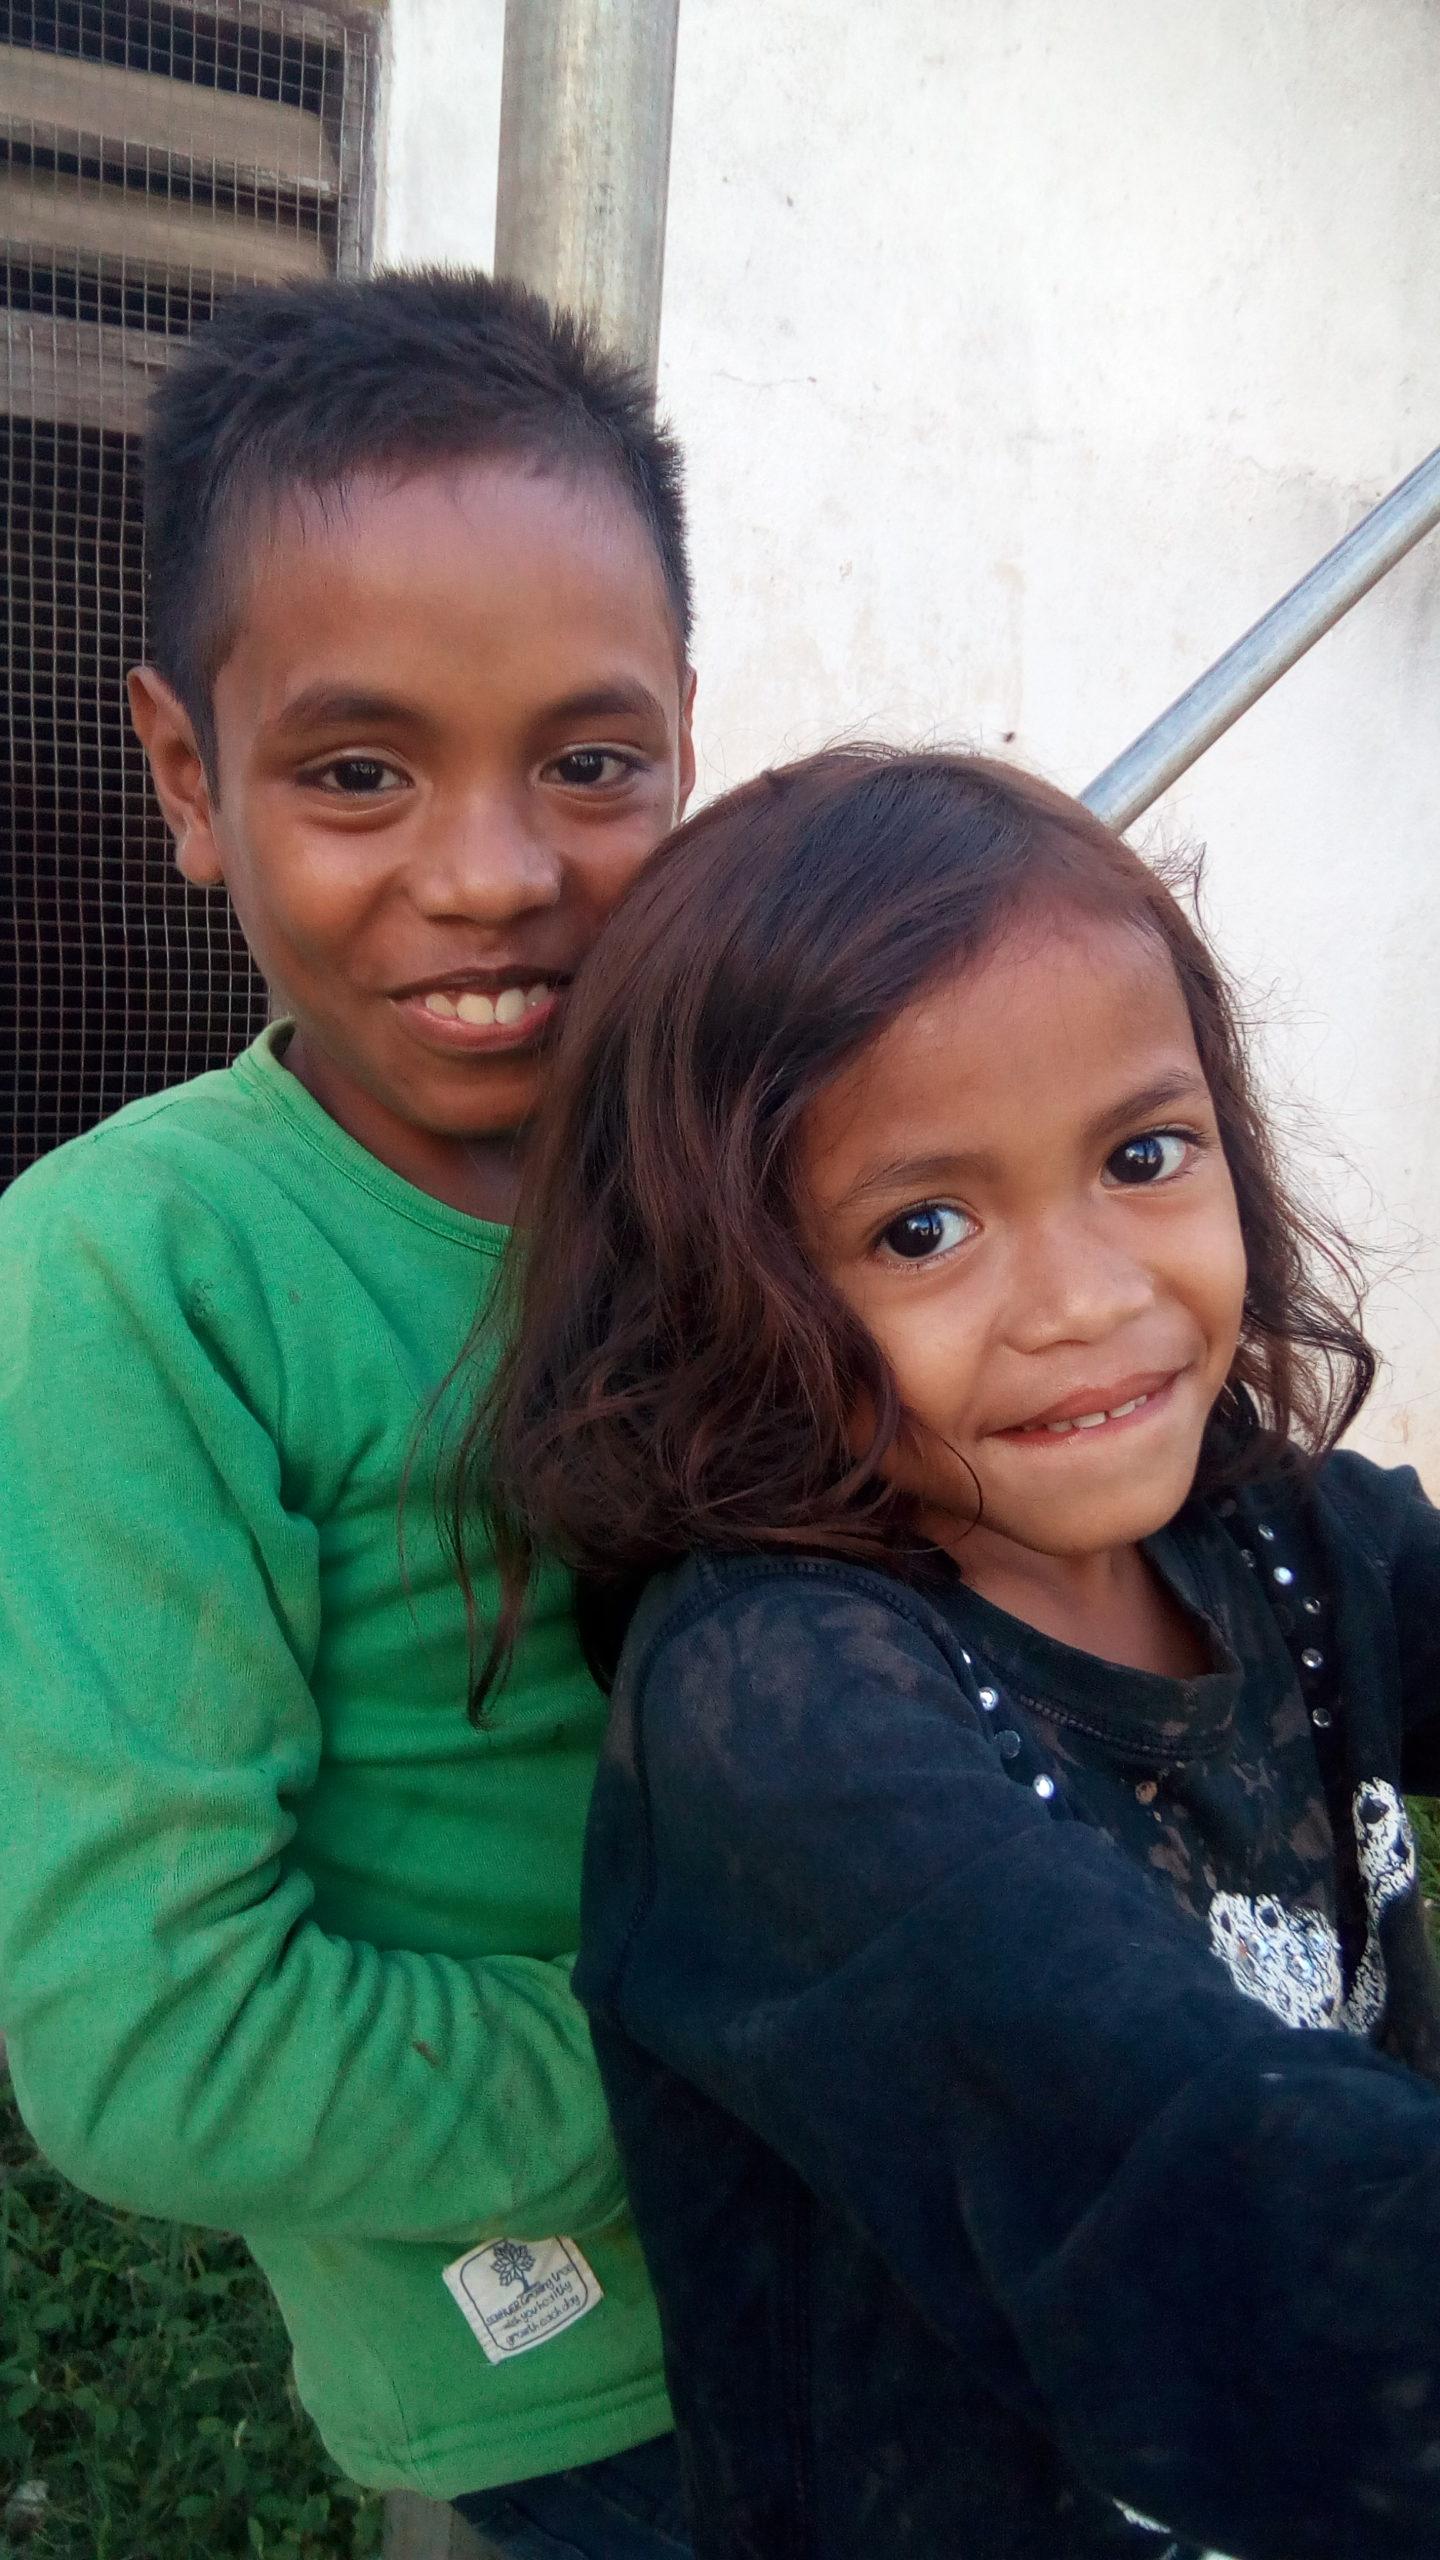 east_timor_tom_liddle_IMG_20200125_174328.jpg